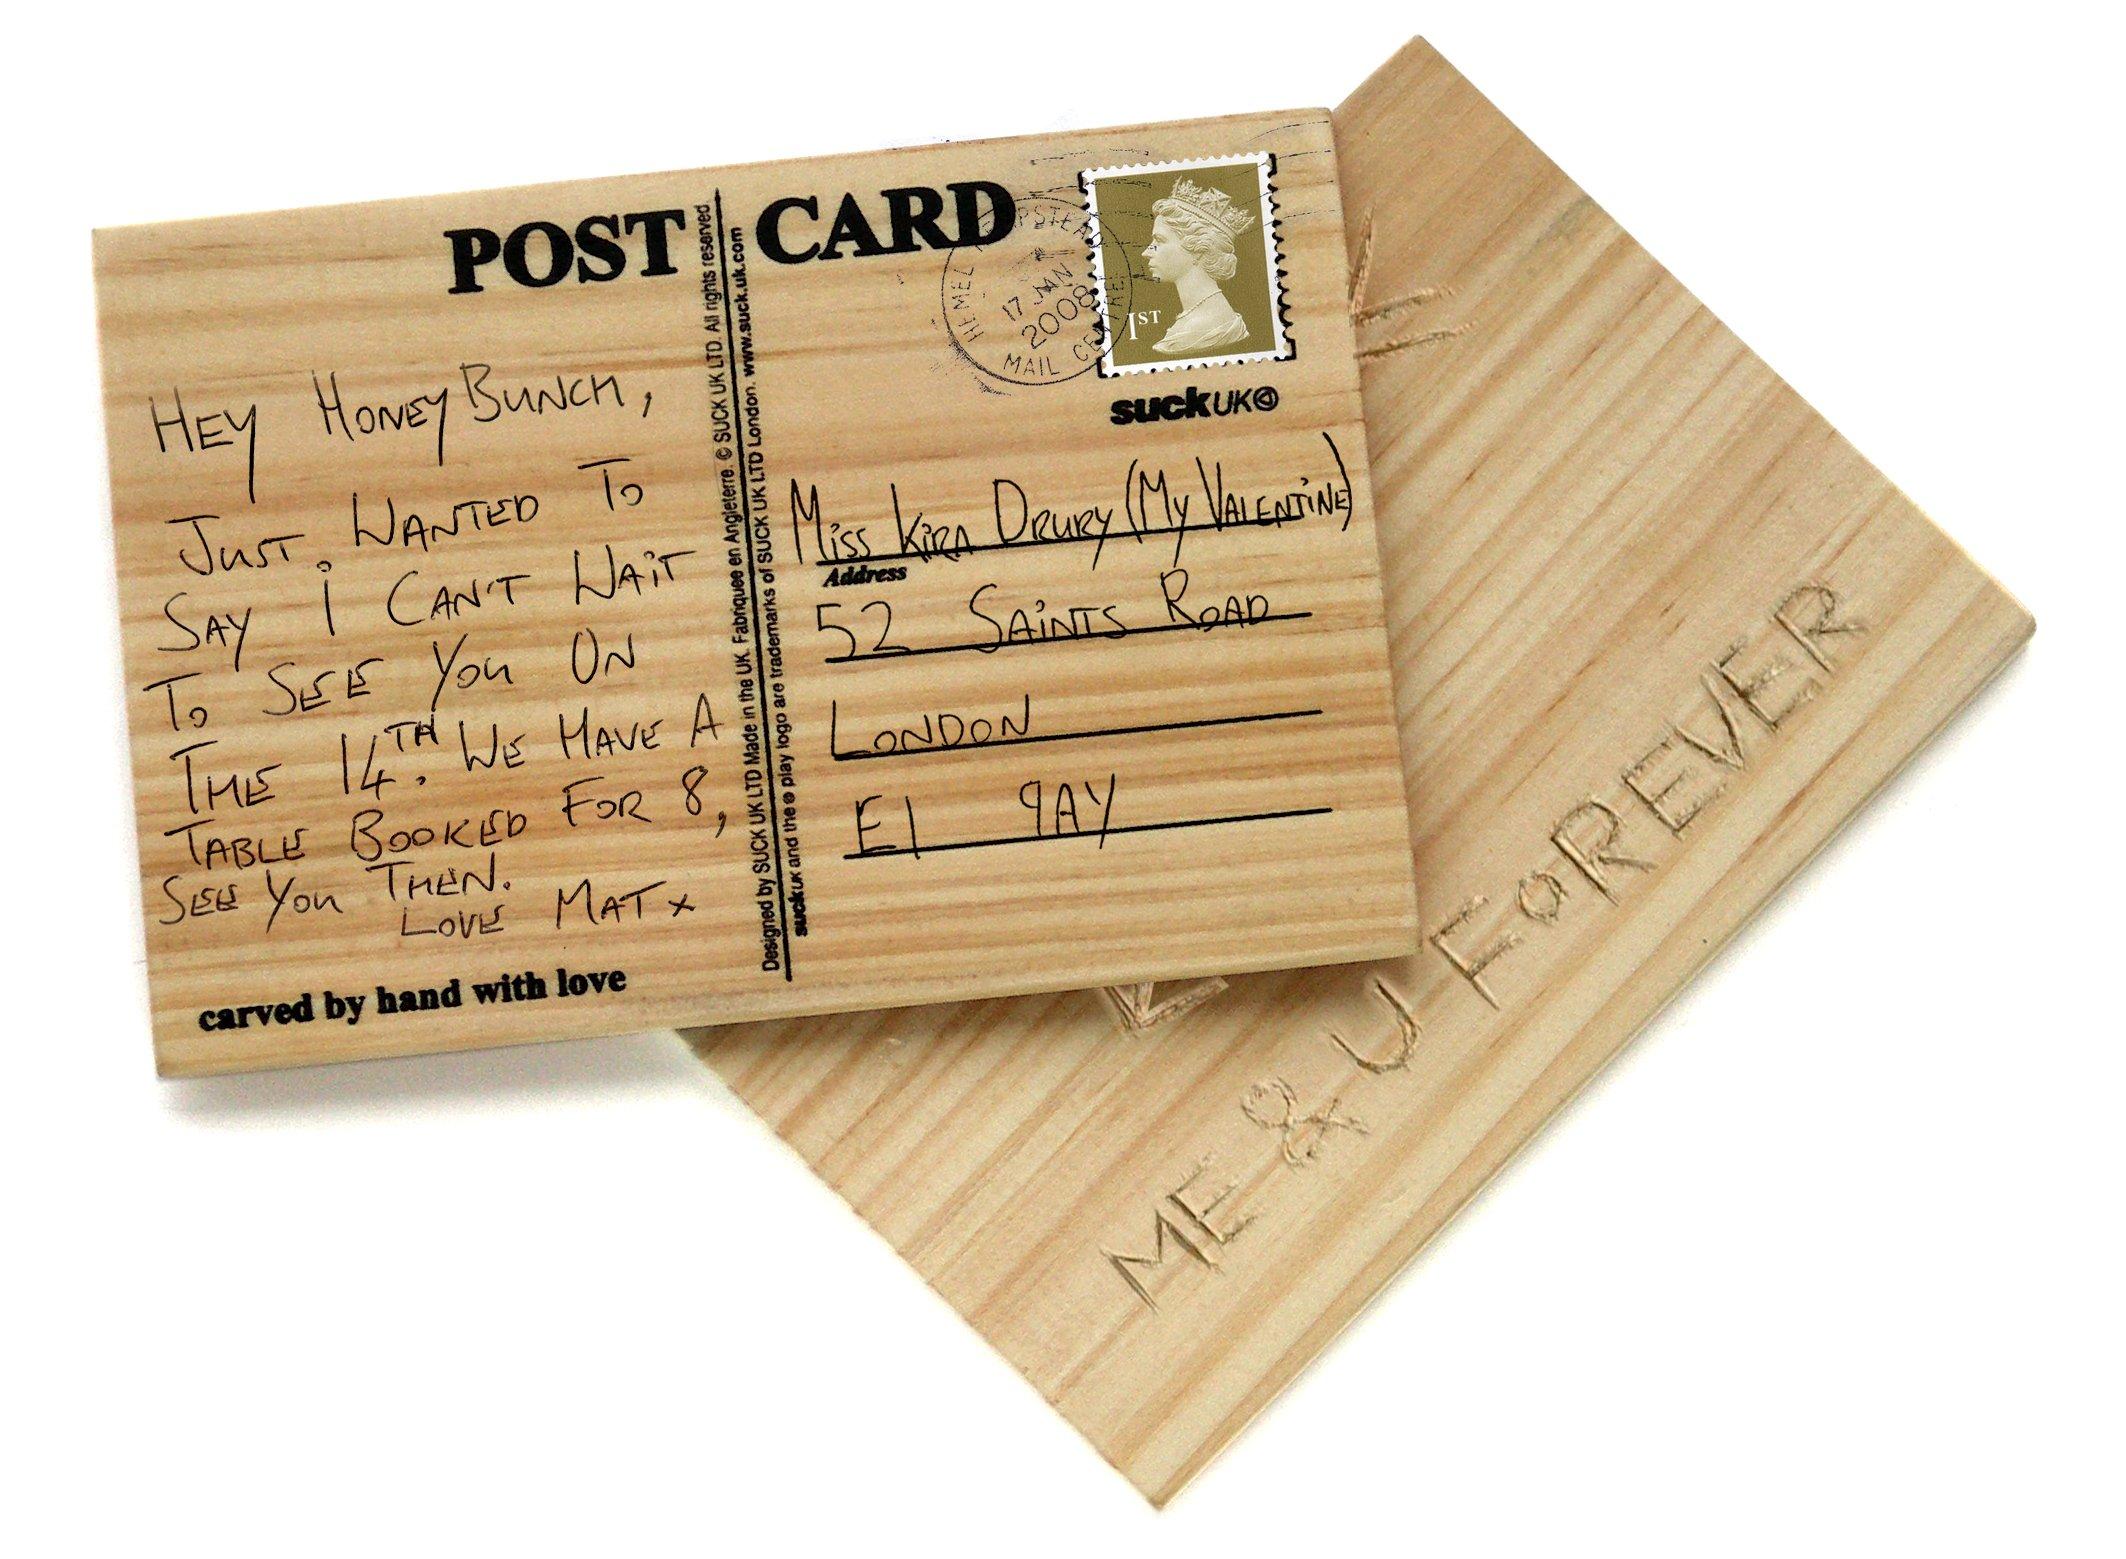 Как оформить открытку для почты